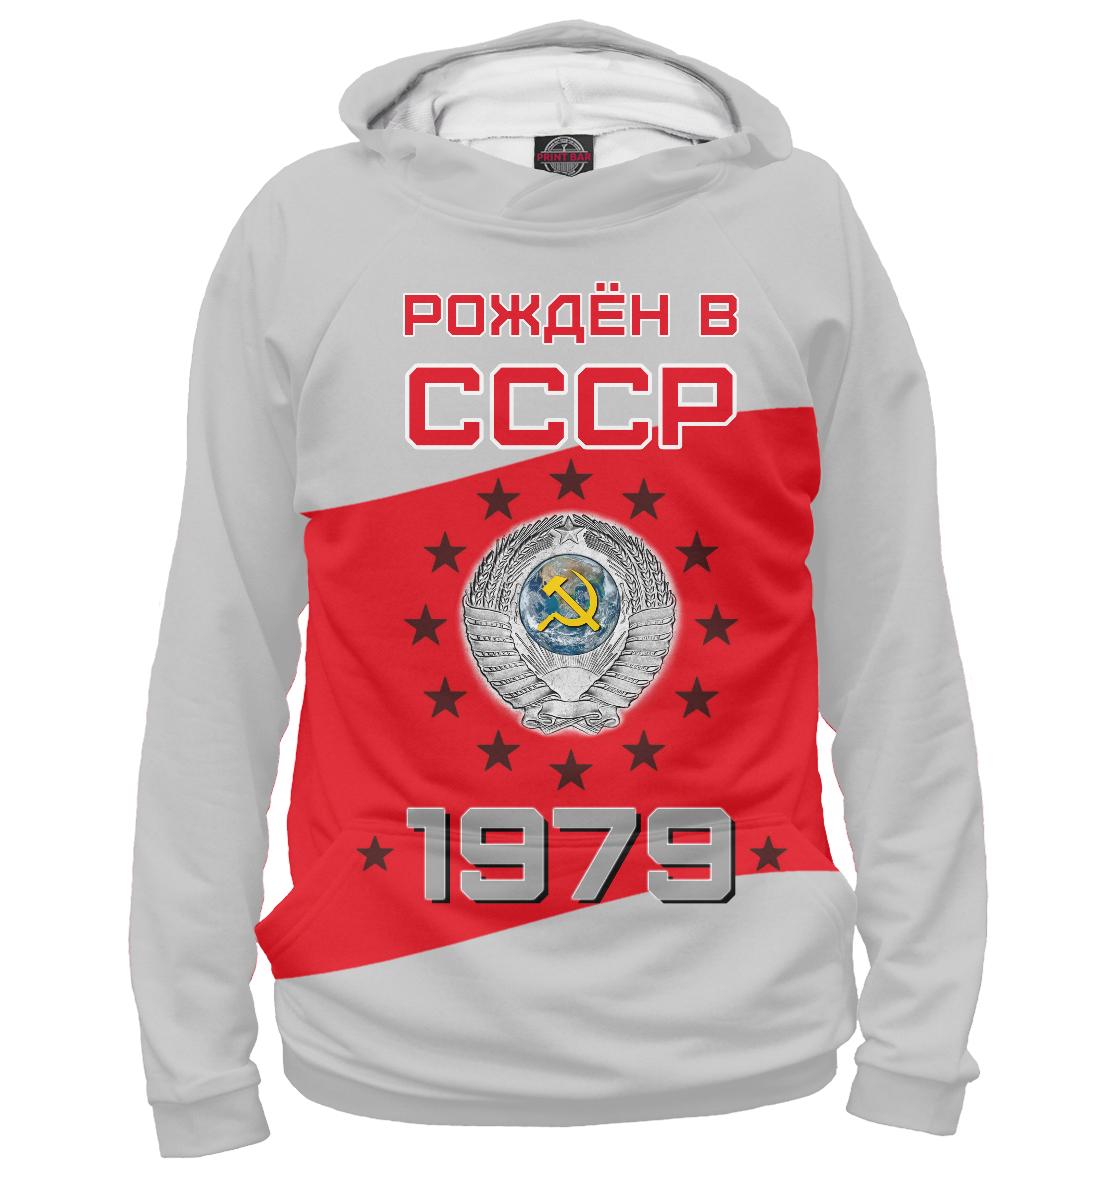 Купить Рождён в СССР - 1979, Printbar, Худи, DSD-601110-hud-2